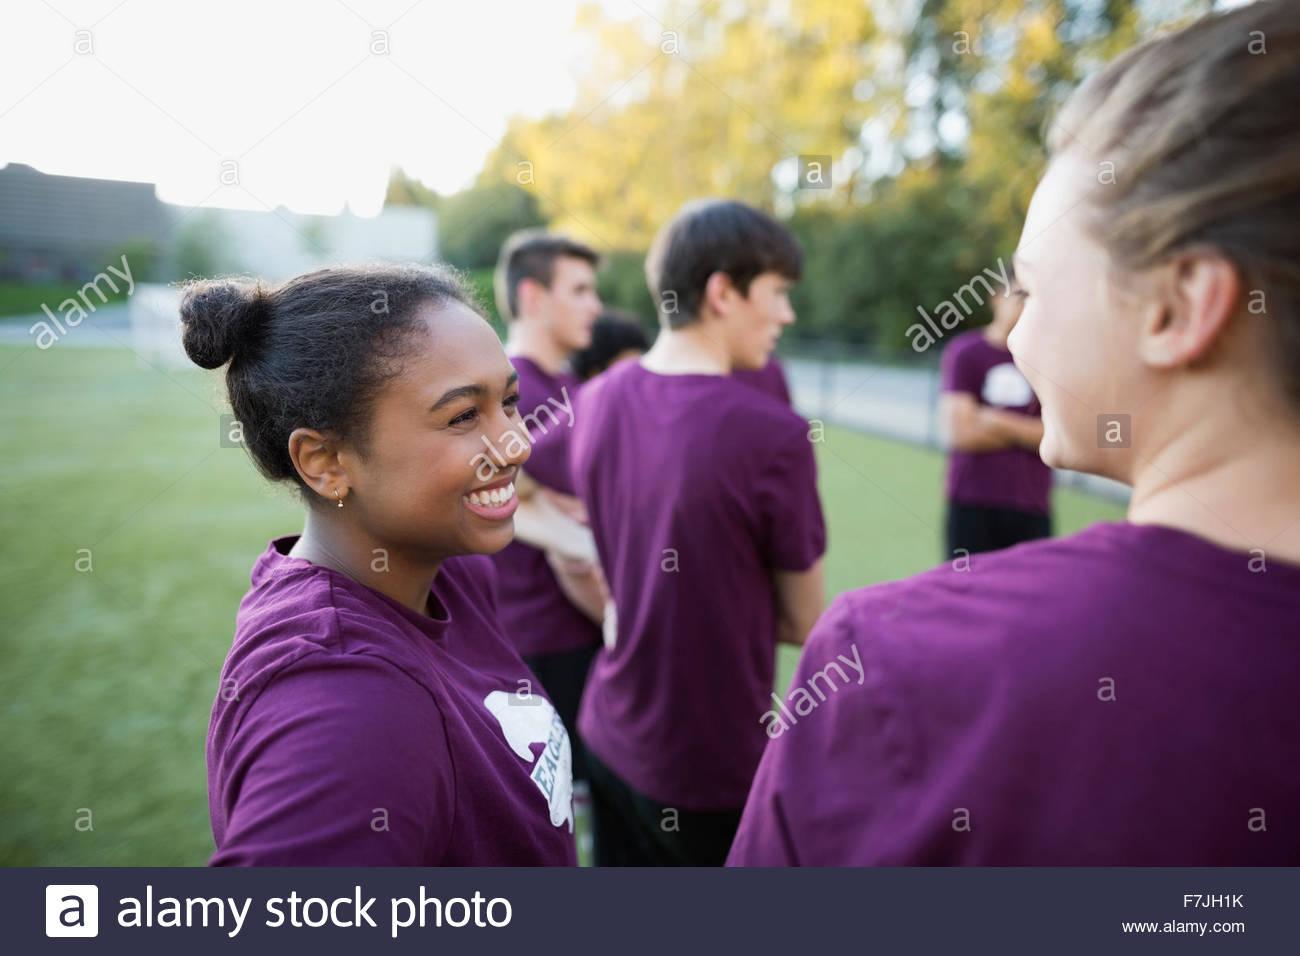 Sorridente di alta scuola gli studenti a parlare in educazione fisica Immagini Stock